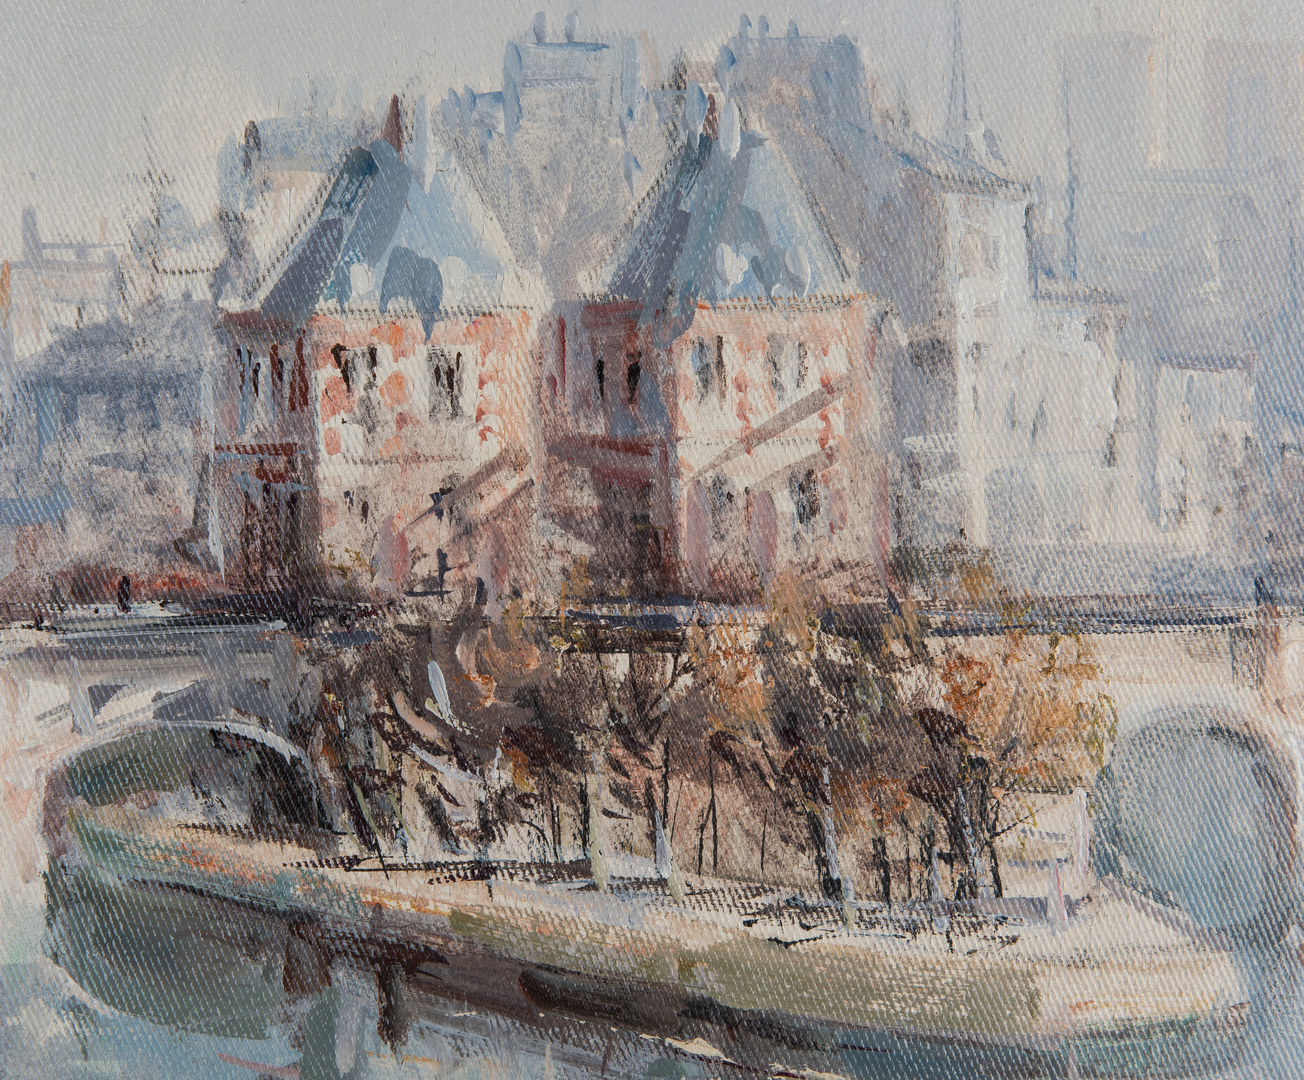 Lot 306: Lucien Delarue, Oil on Linen, Ile de la Cite